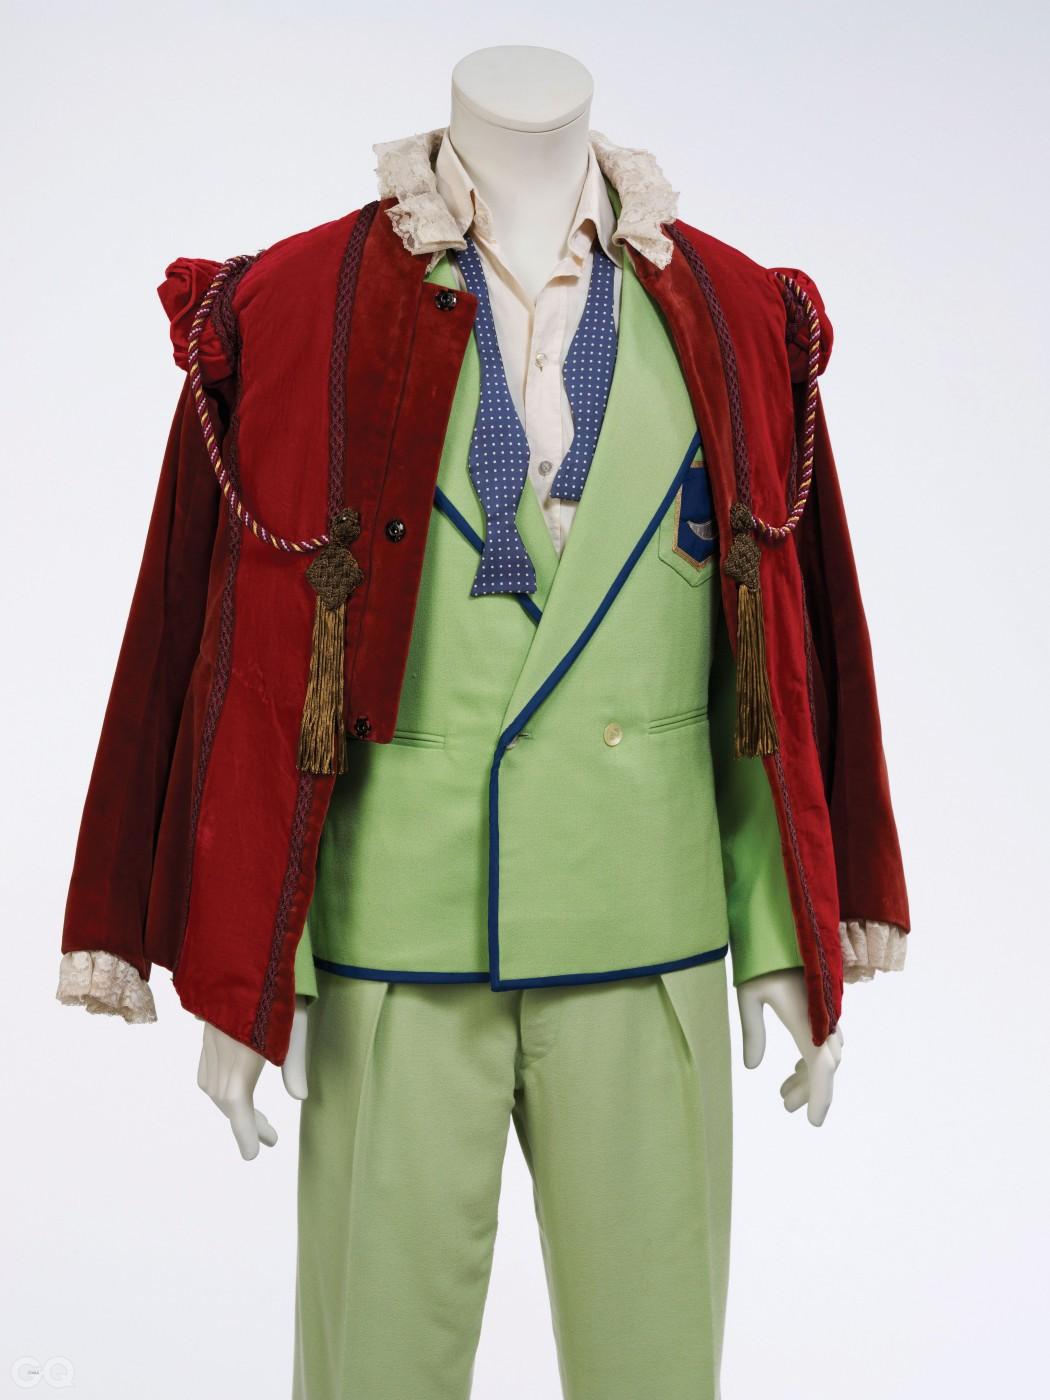 피터 홀이 시리어스 문라이트 투어를 위해 디자인한 라임색 수트.